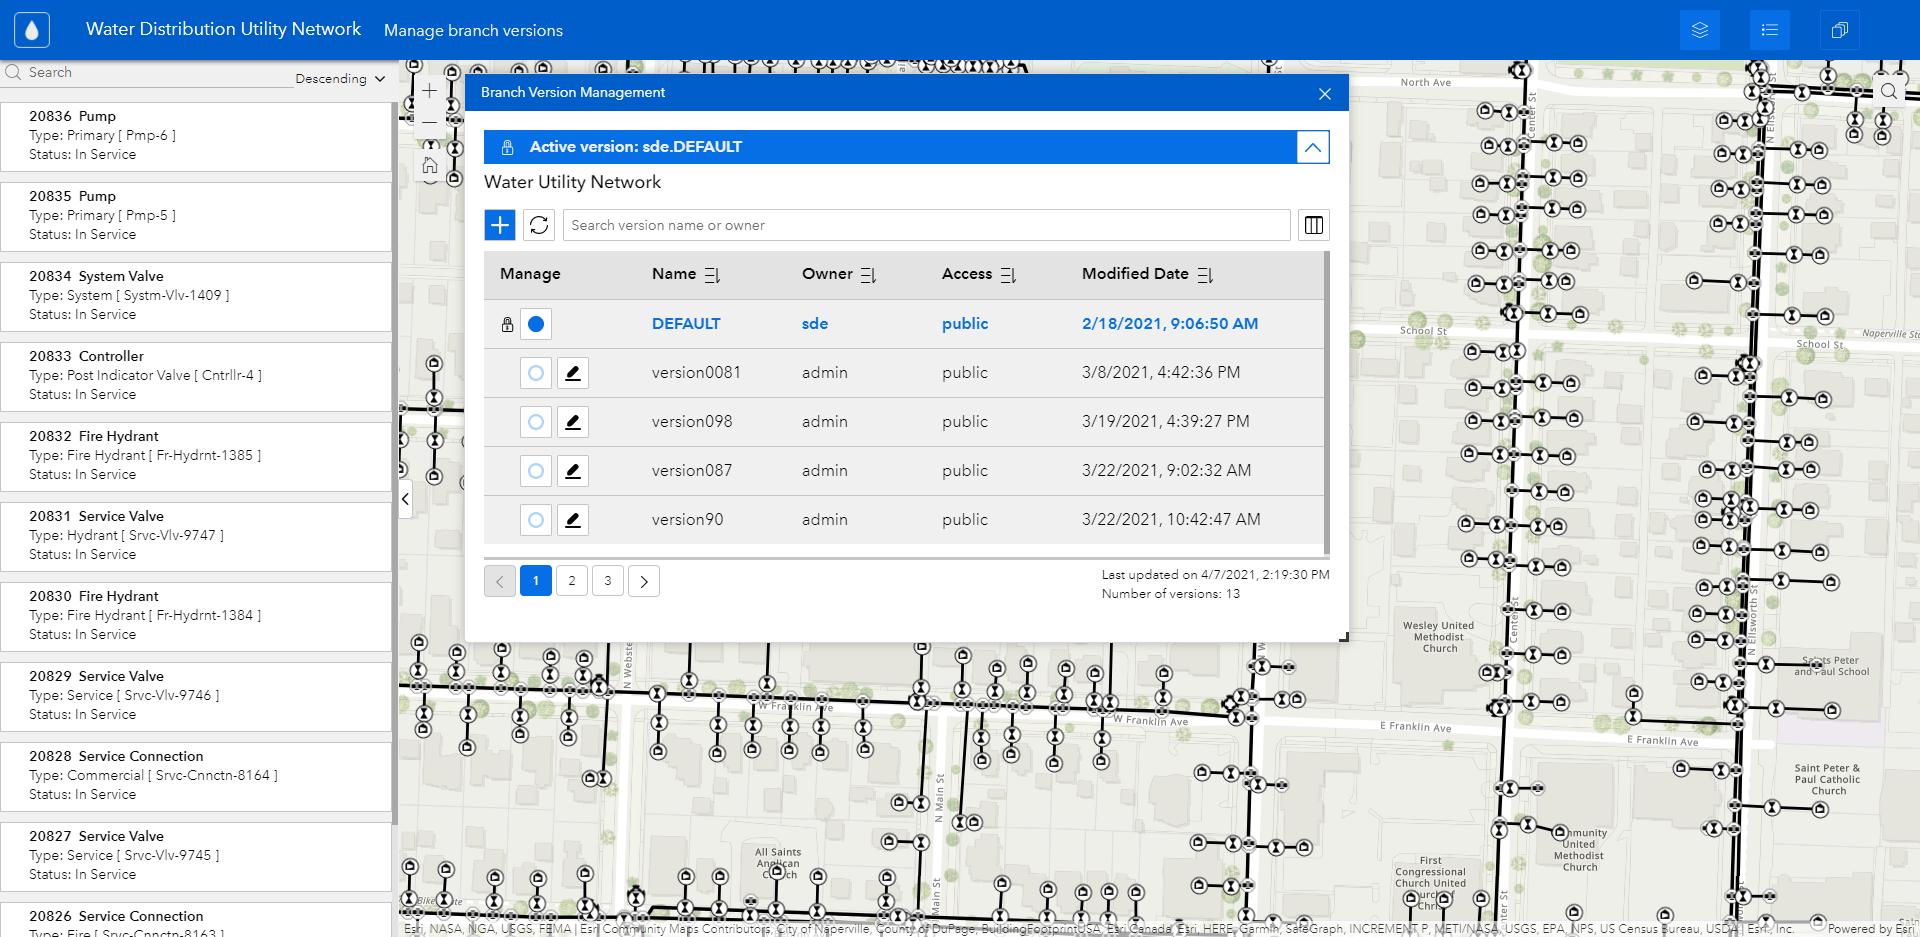 The Branch Version Management widget